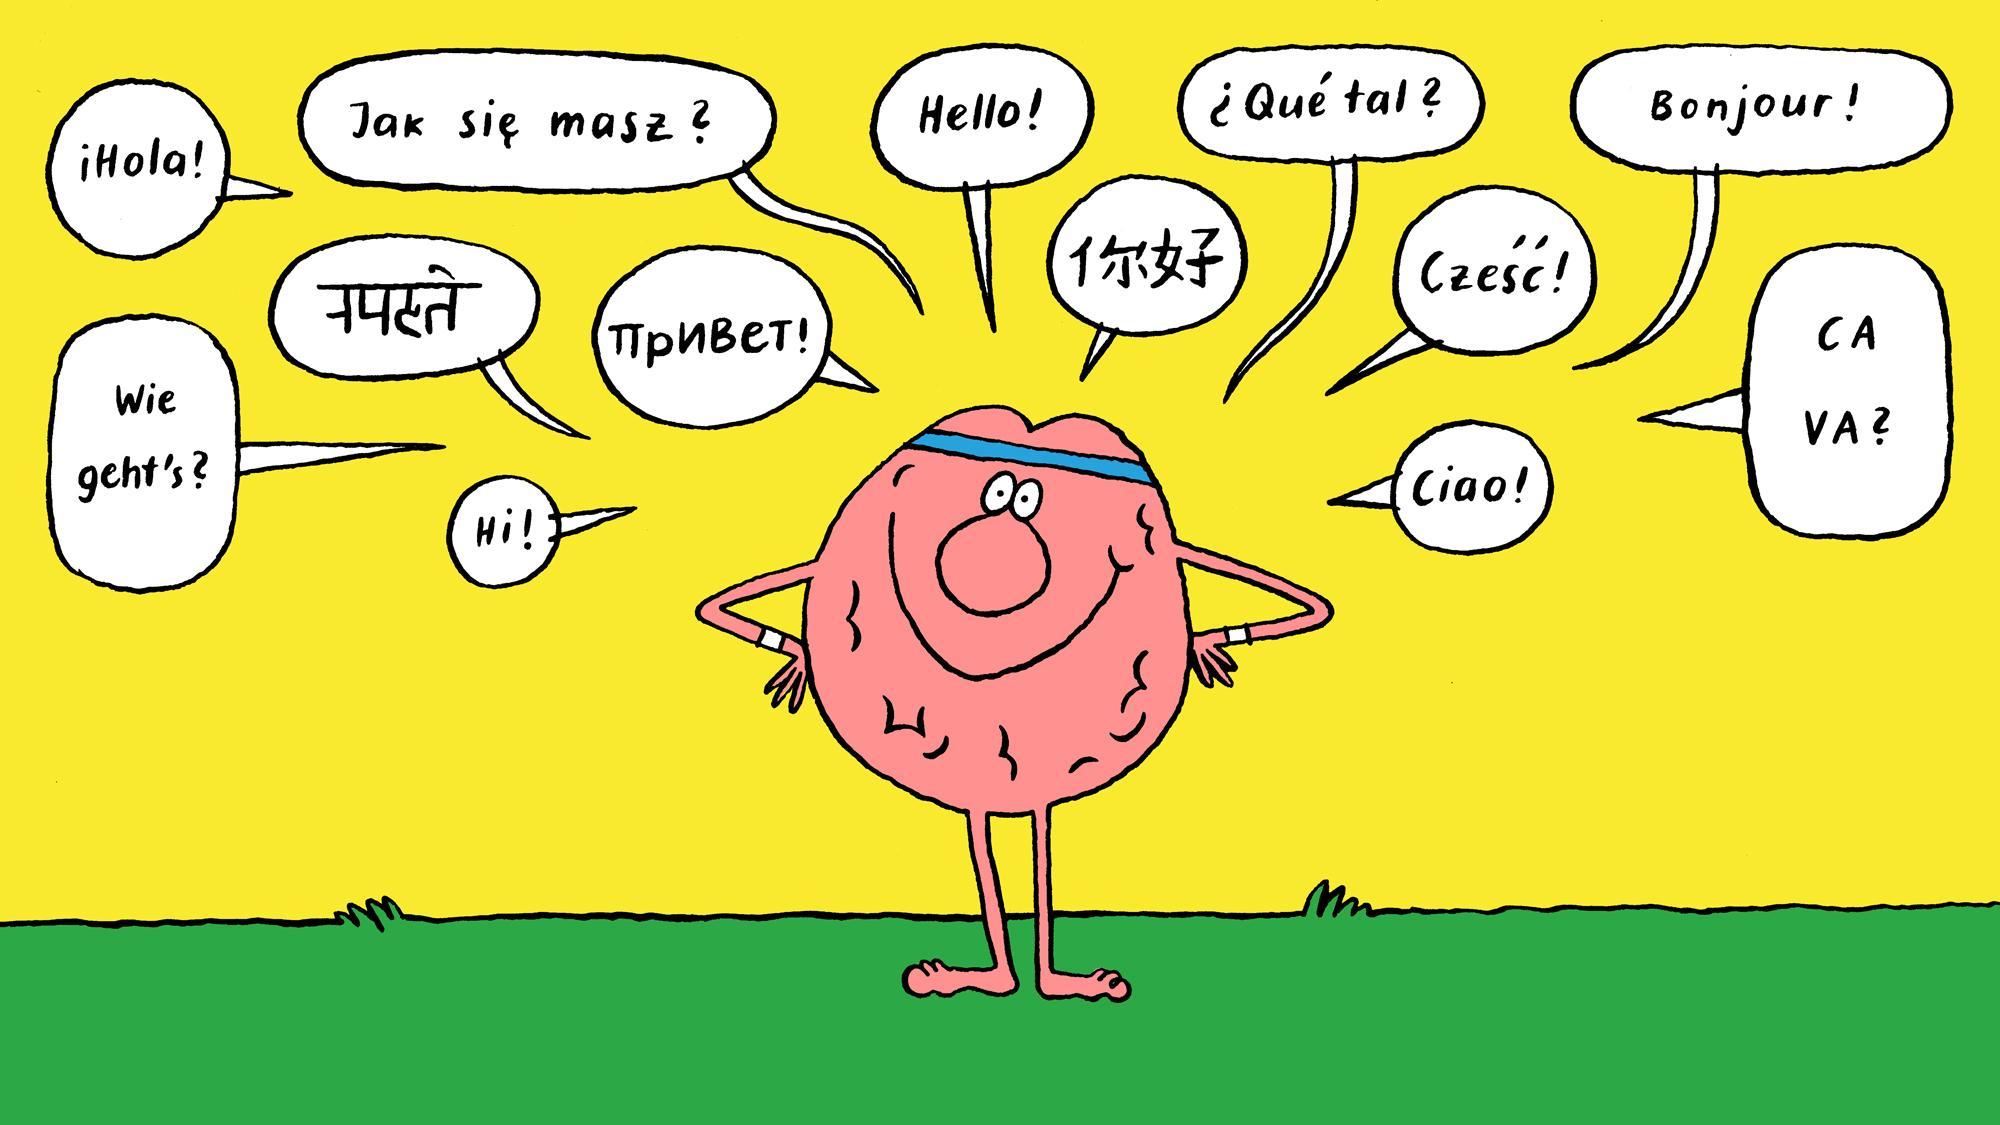 Владение иностранным языком и объем кратковременной памяти: какова взаимосвязь?